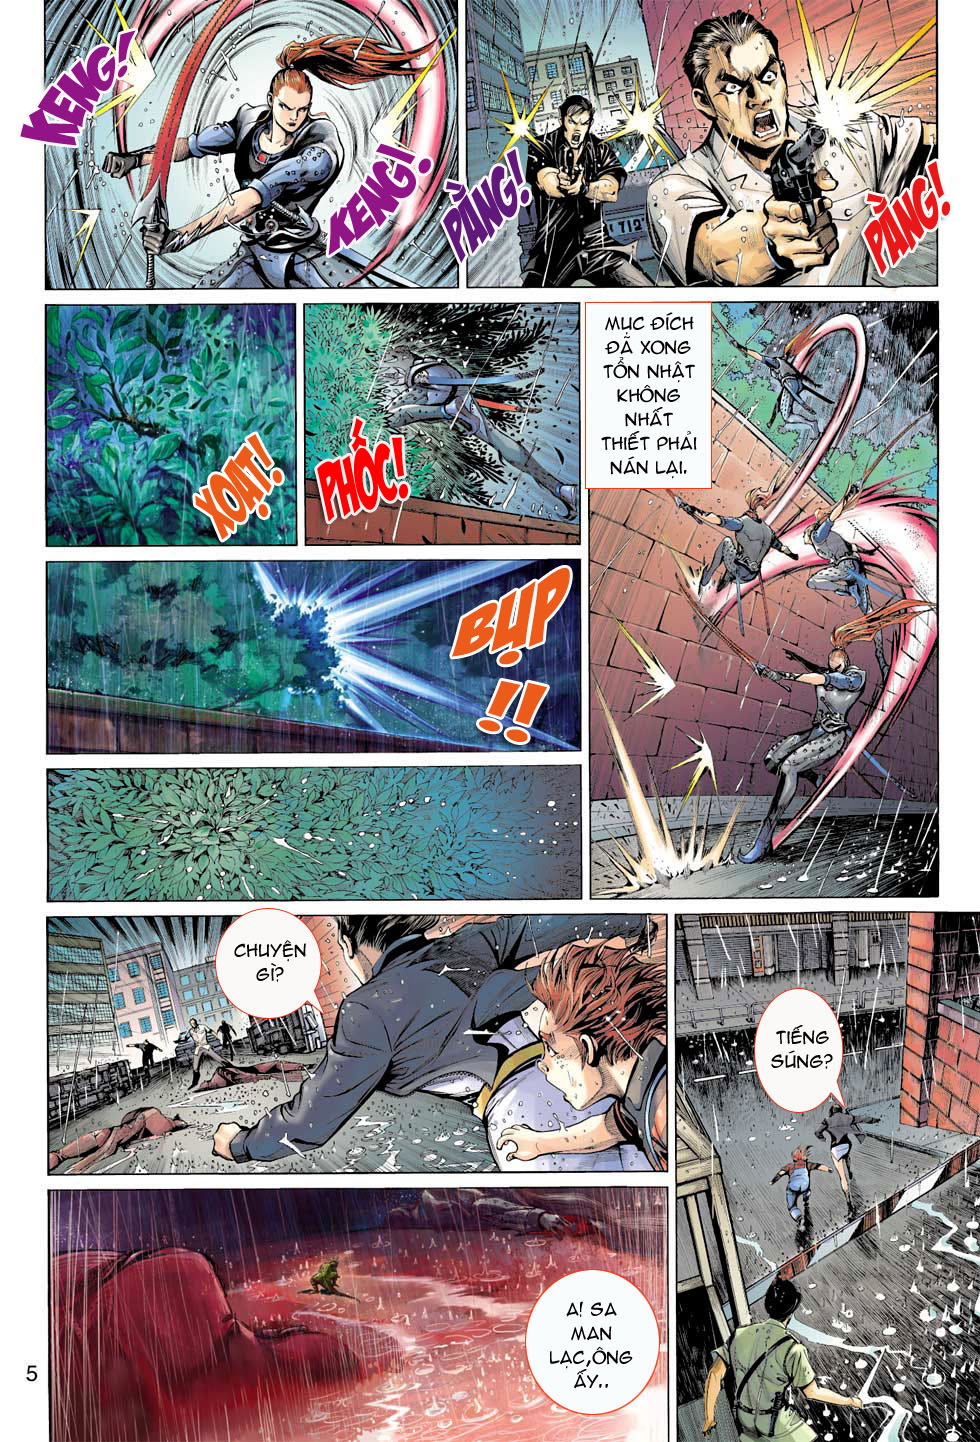 Thần Binh 4 chap 8 - Trang 5